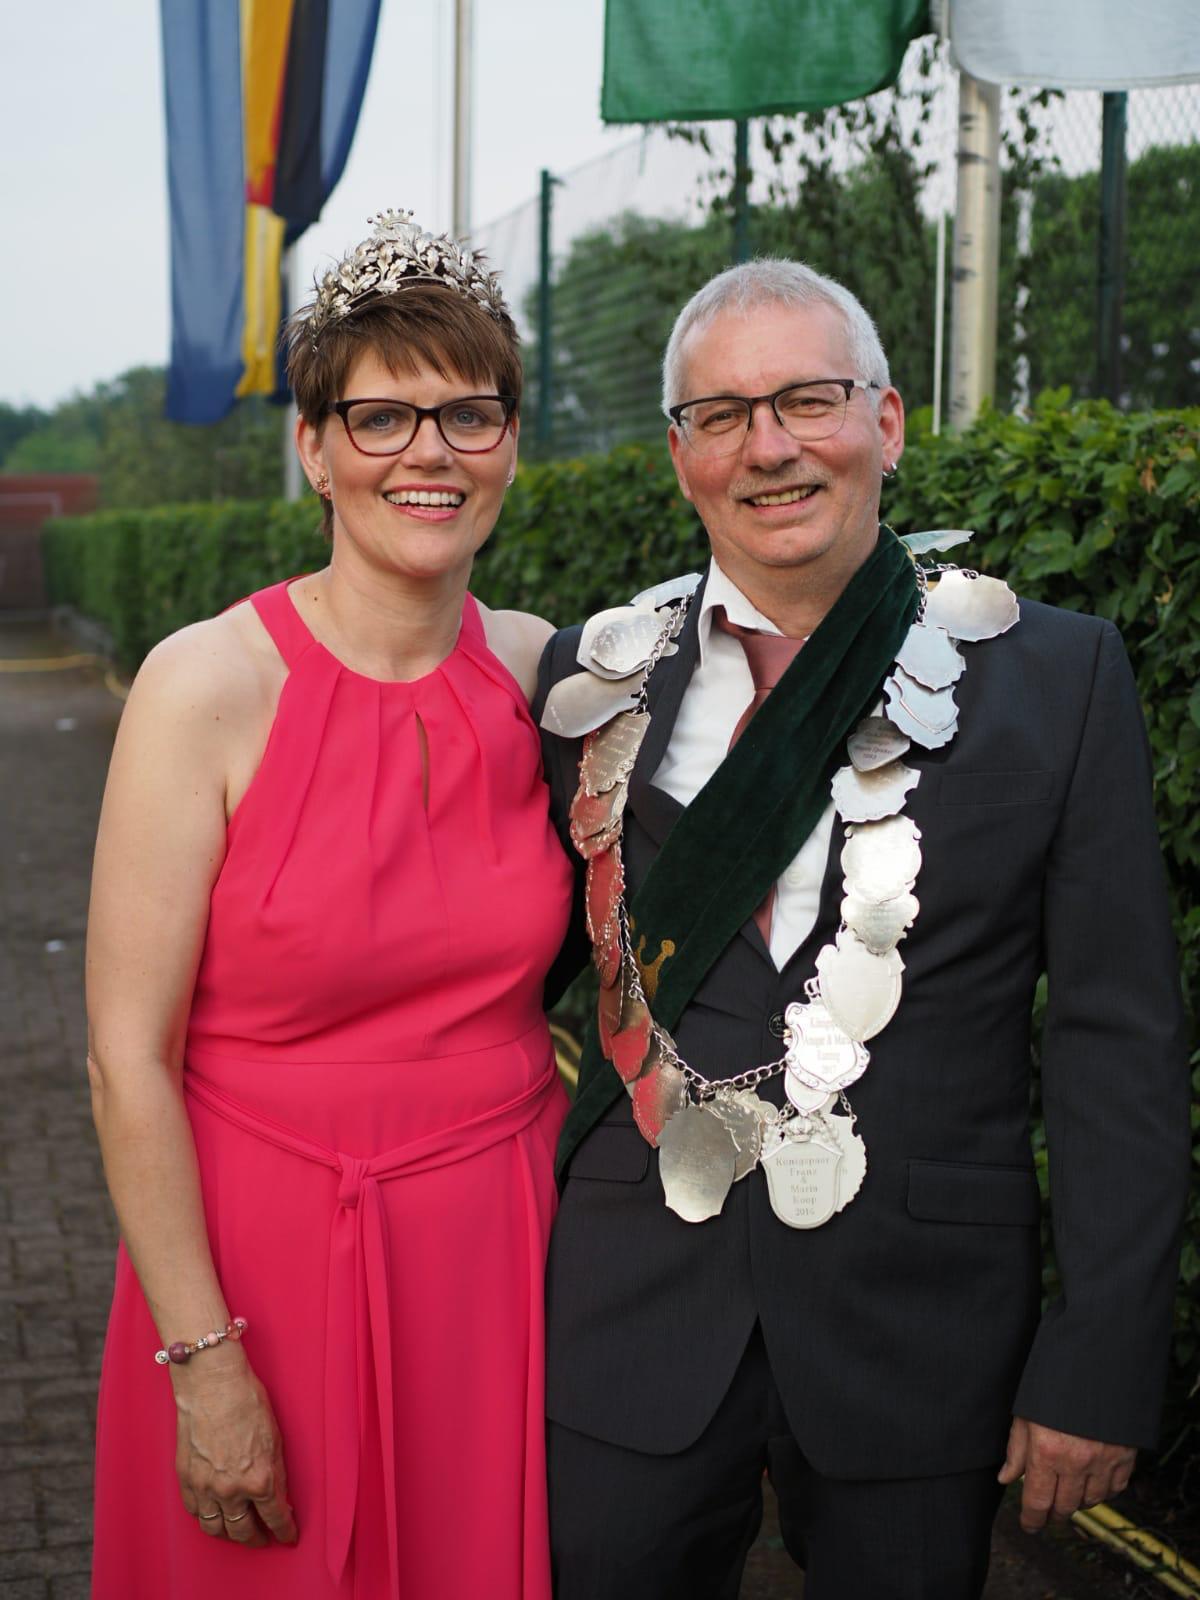 König Klaus mit seiner Königin Hildegard